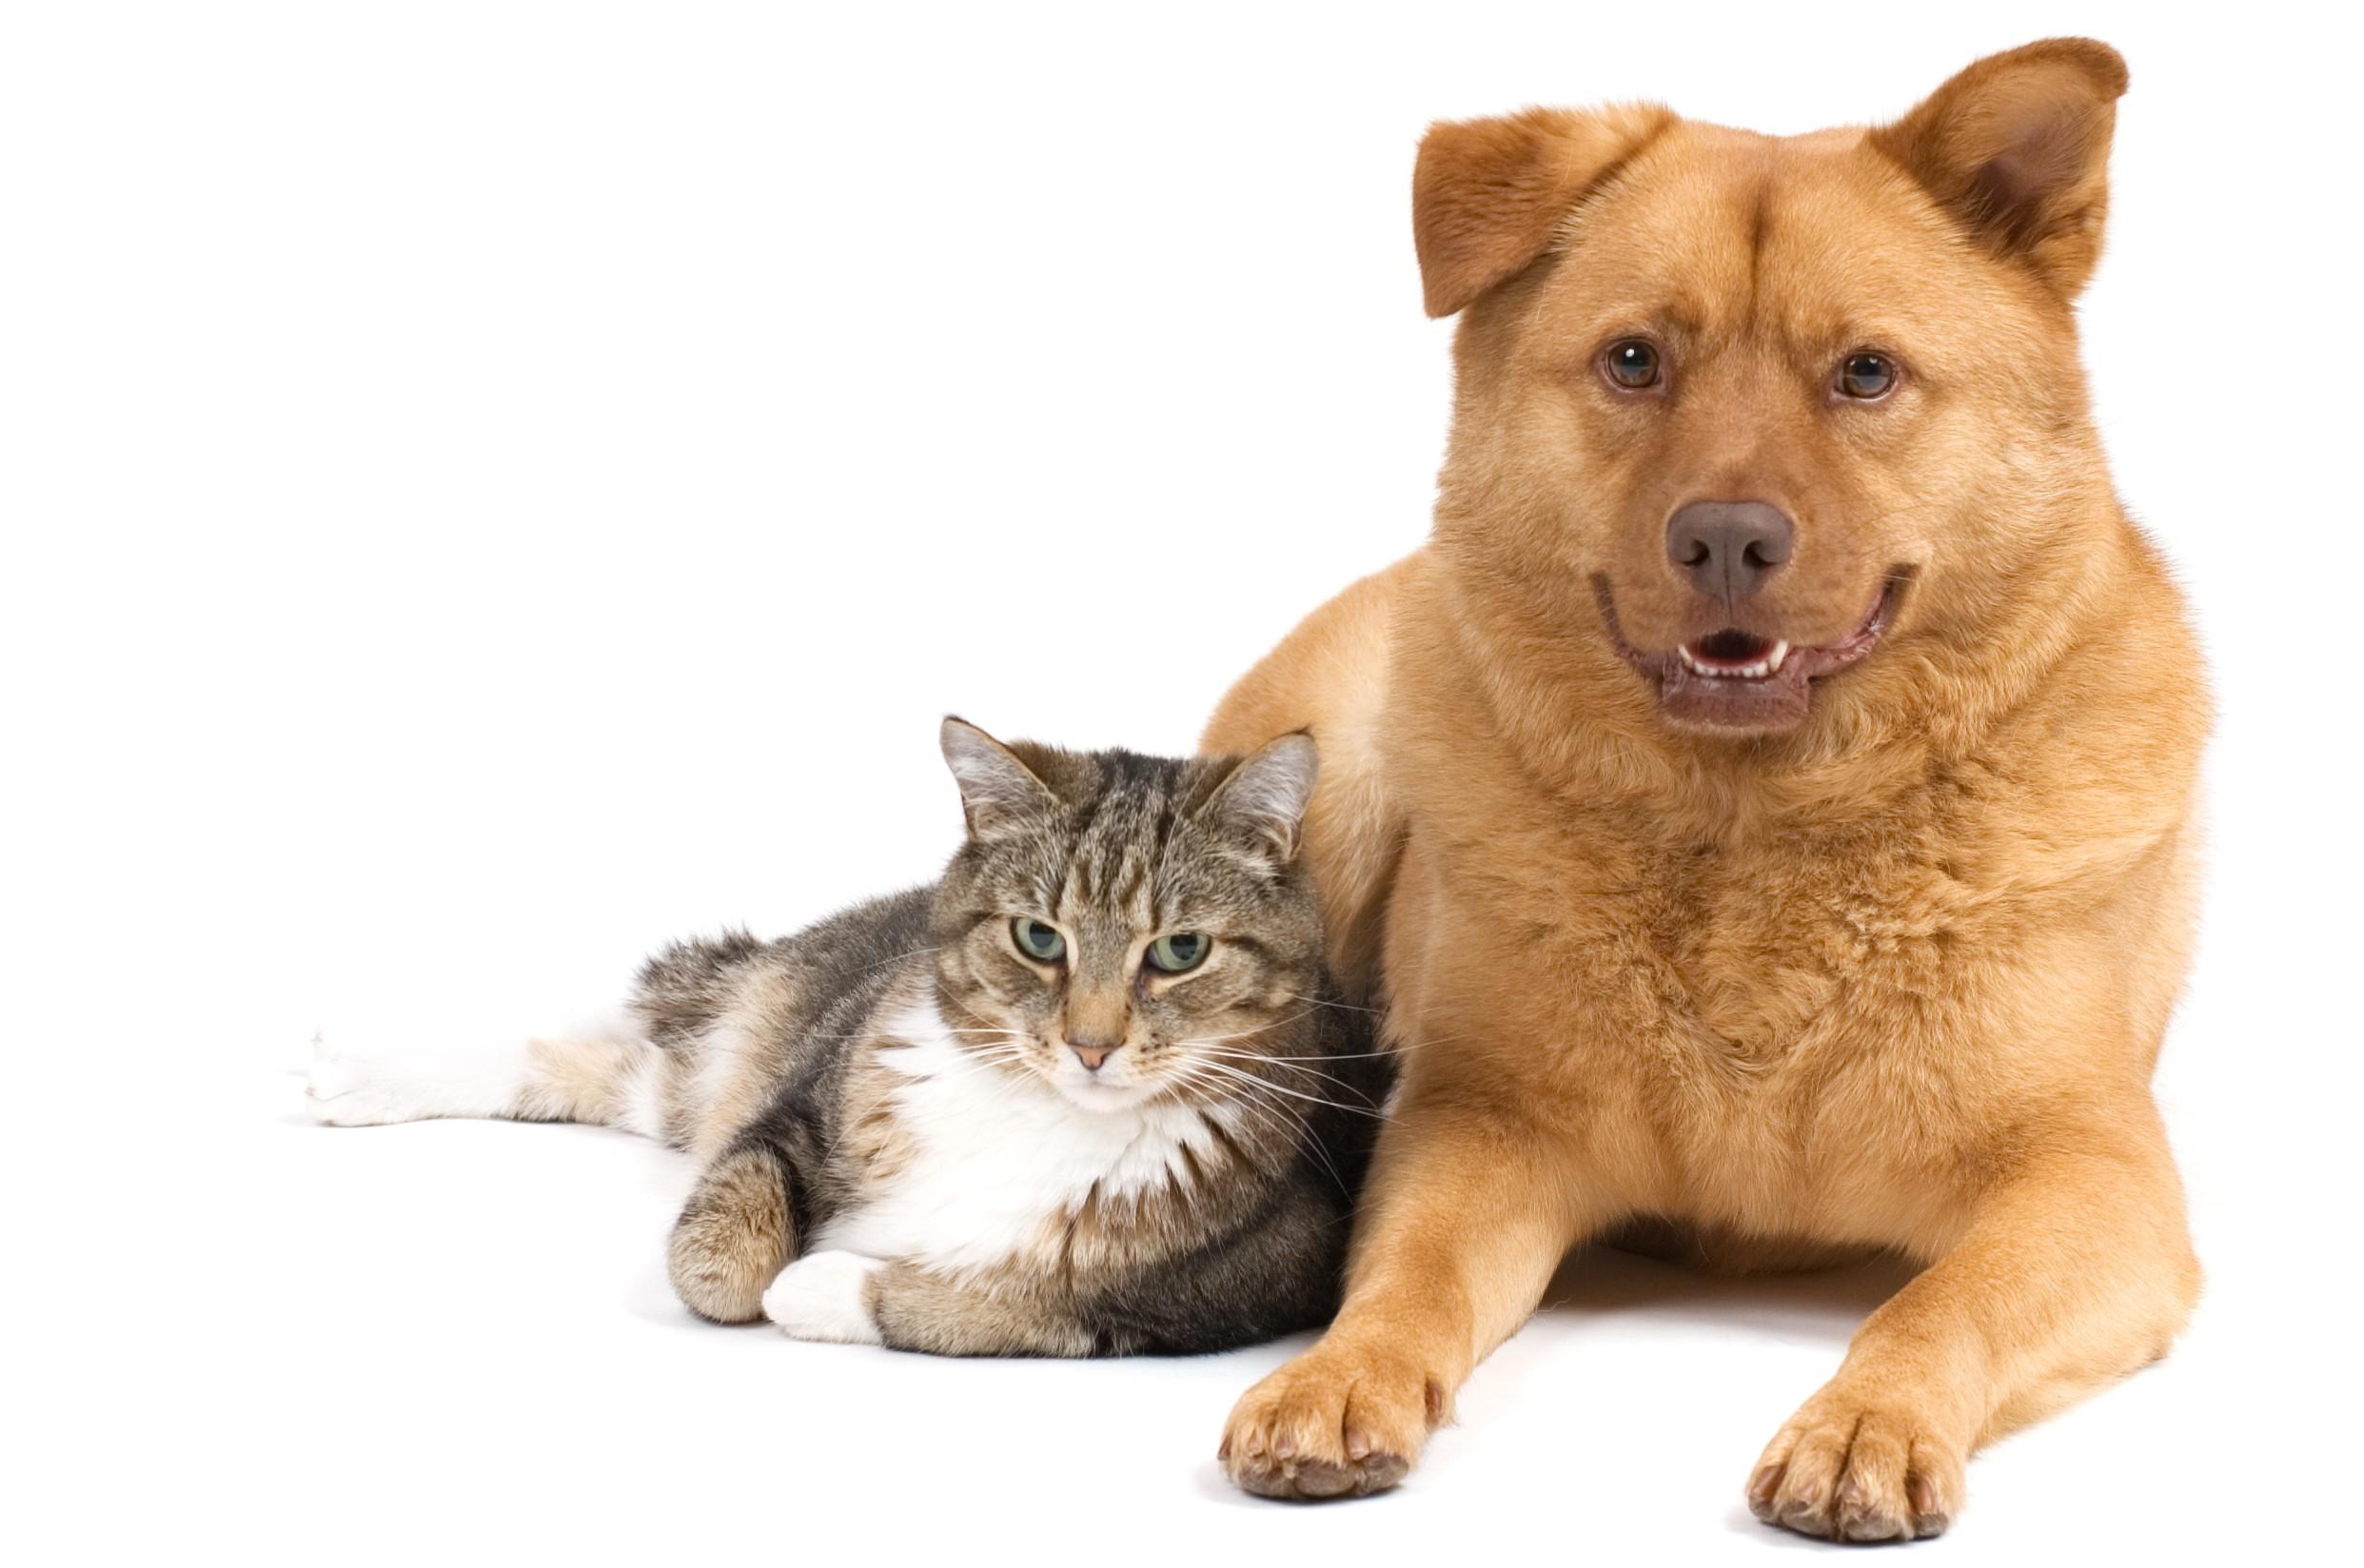 Entes públicos e ONG discutem a criação do Conselho Municipal de Bem-Estar Animal em Goiânia